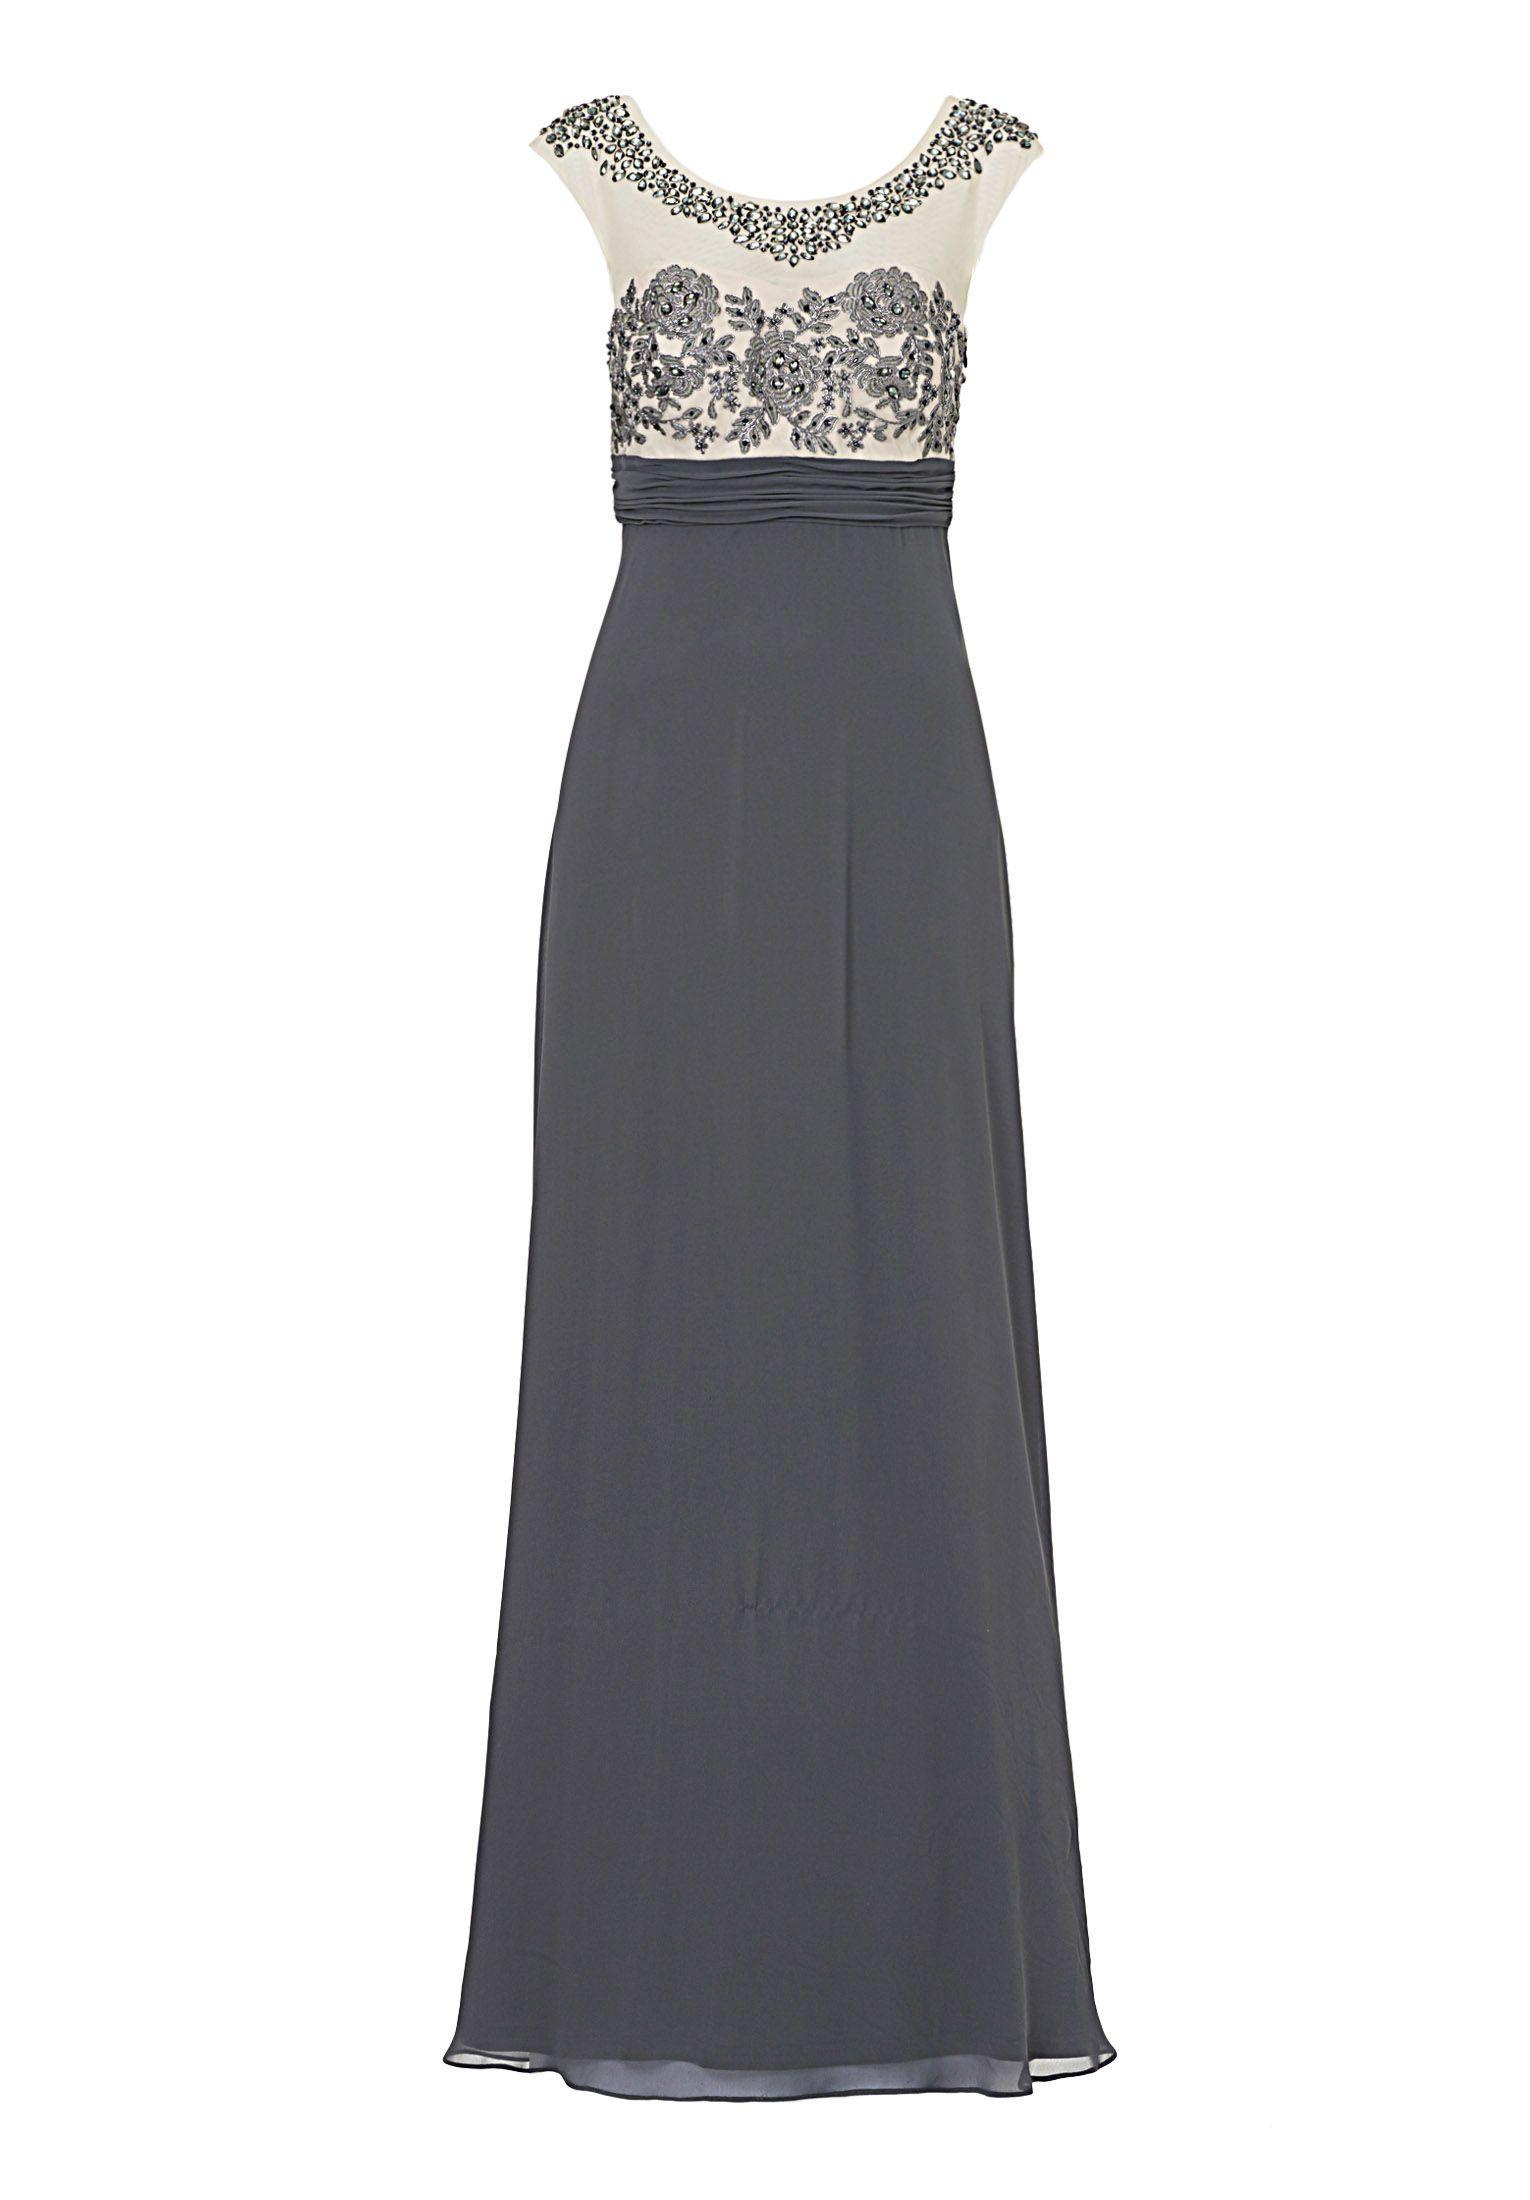 Vera Mont Abendkleid in Weiß  Abendkleid, Kleiderstile, Kleider